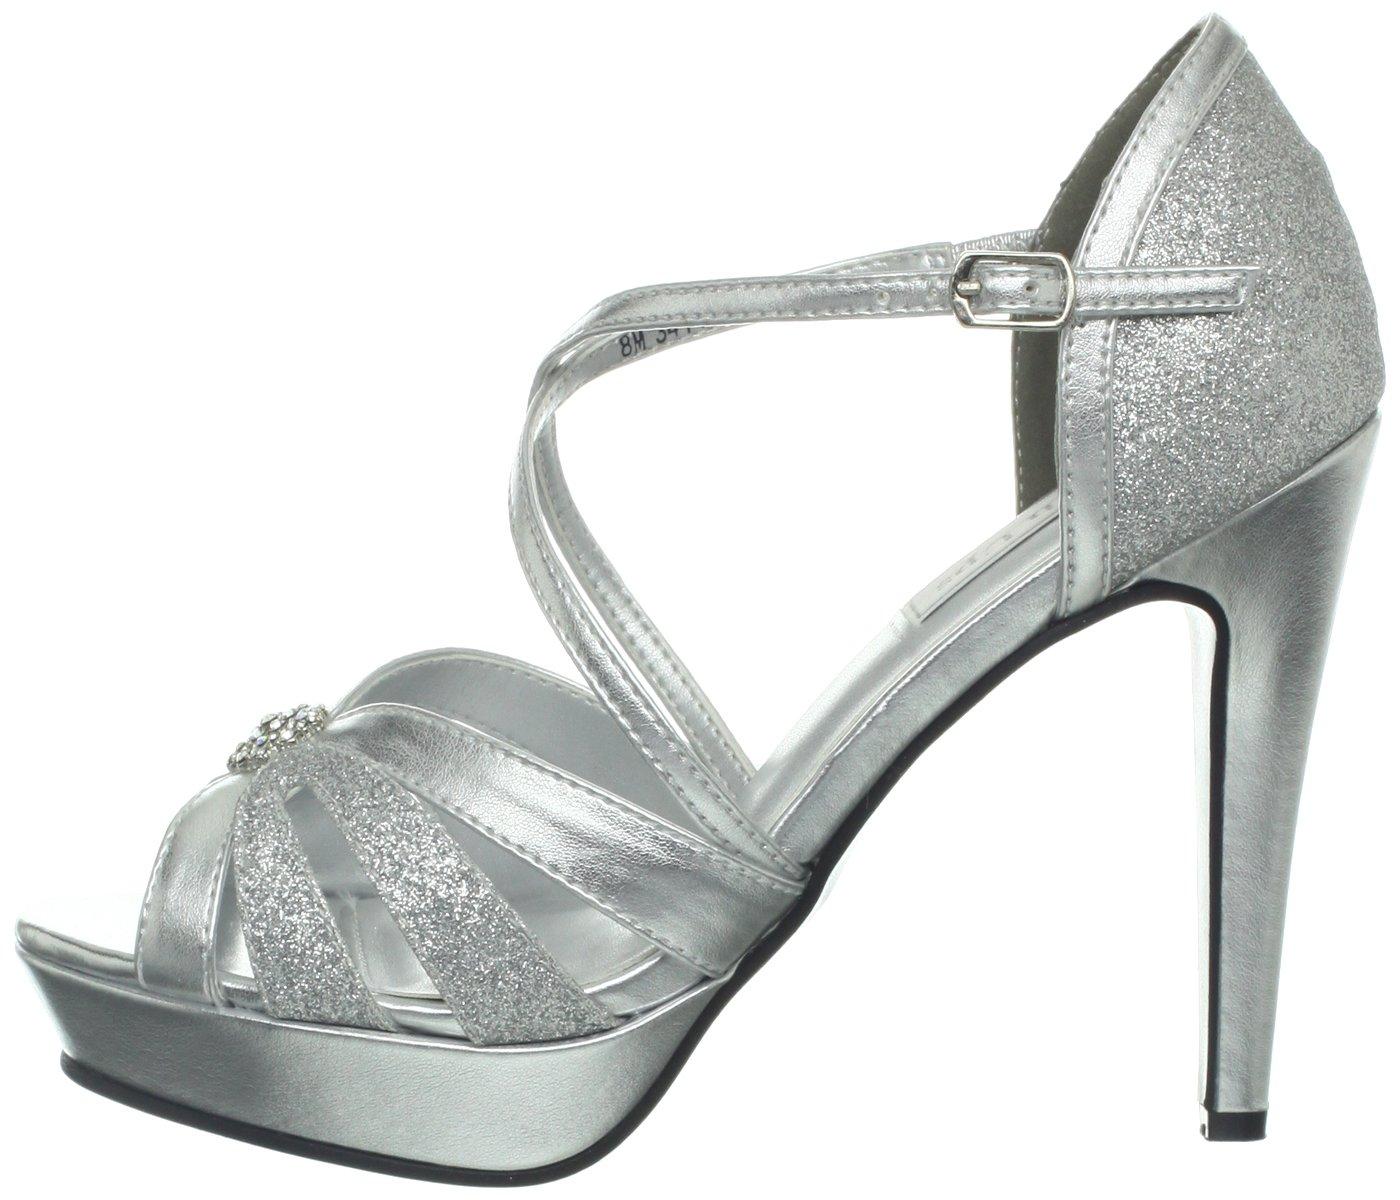 Touch Ups Women's Stella Sandal B00CQI0FKE 6 B(M) US|Silver Metallic